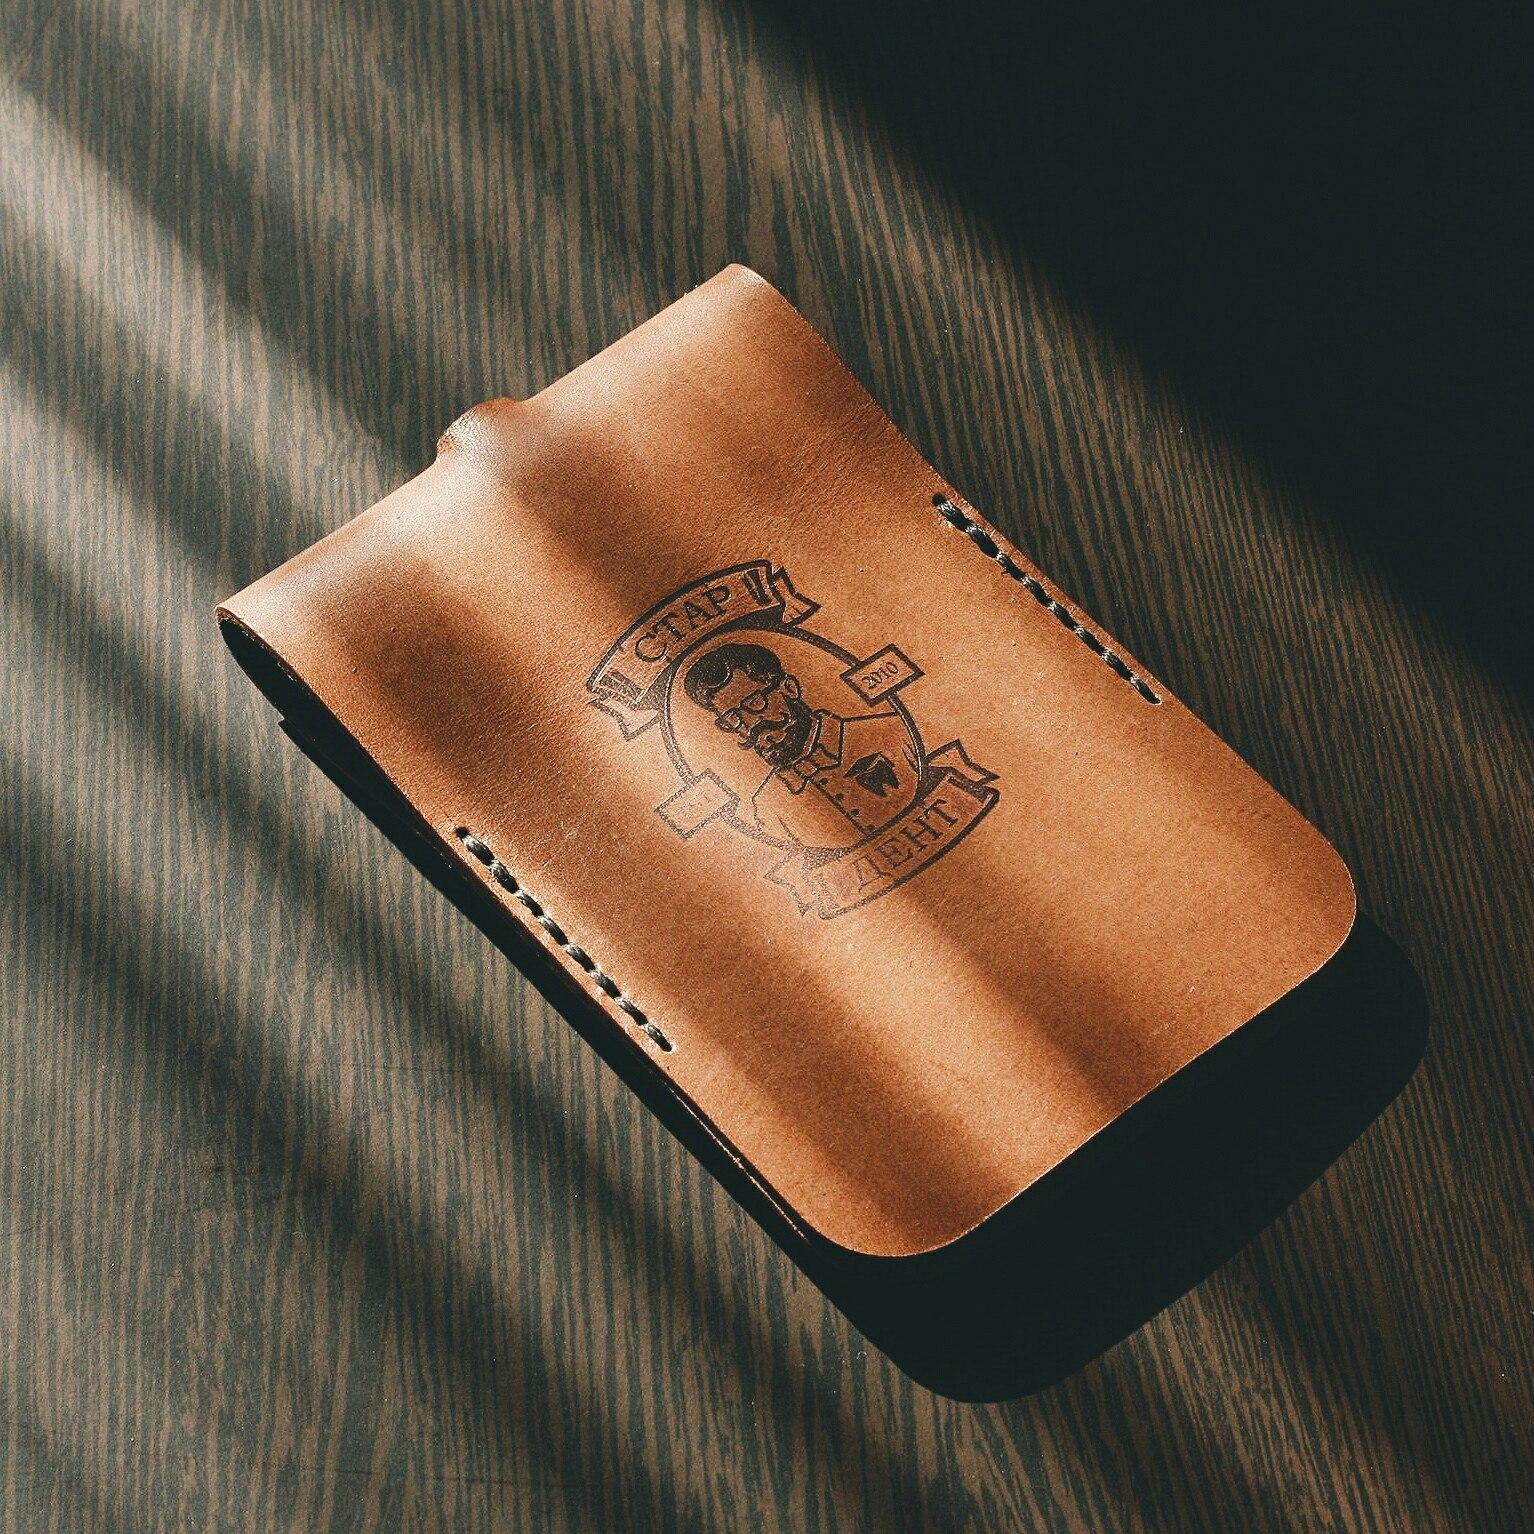 Сувенирная продукция Ключница из натуральной кожи растительного дубления ручной работы прошивка сдел